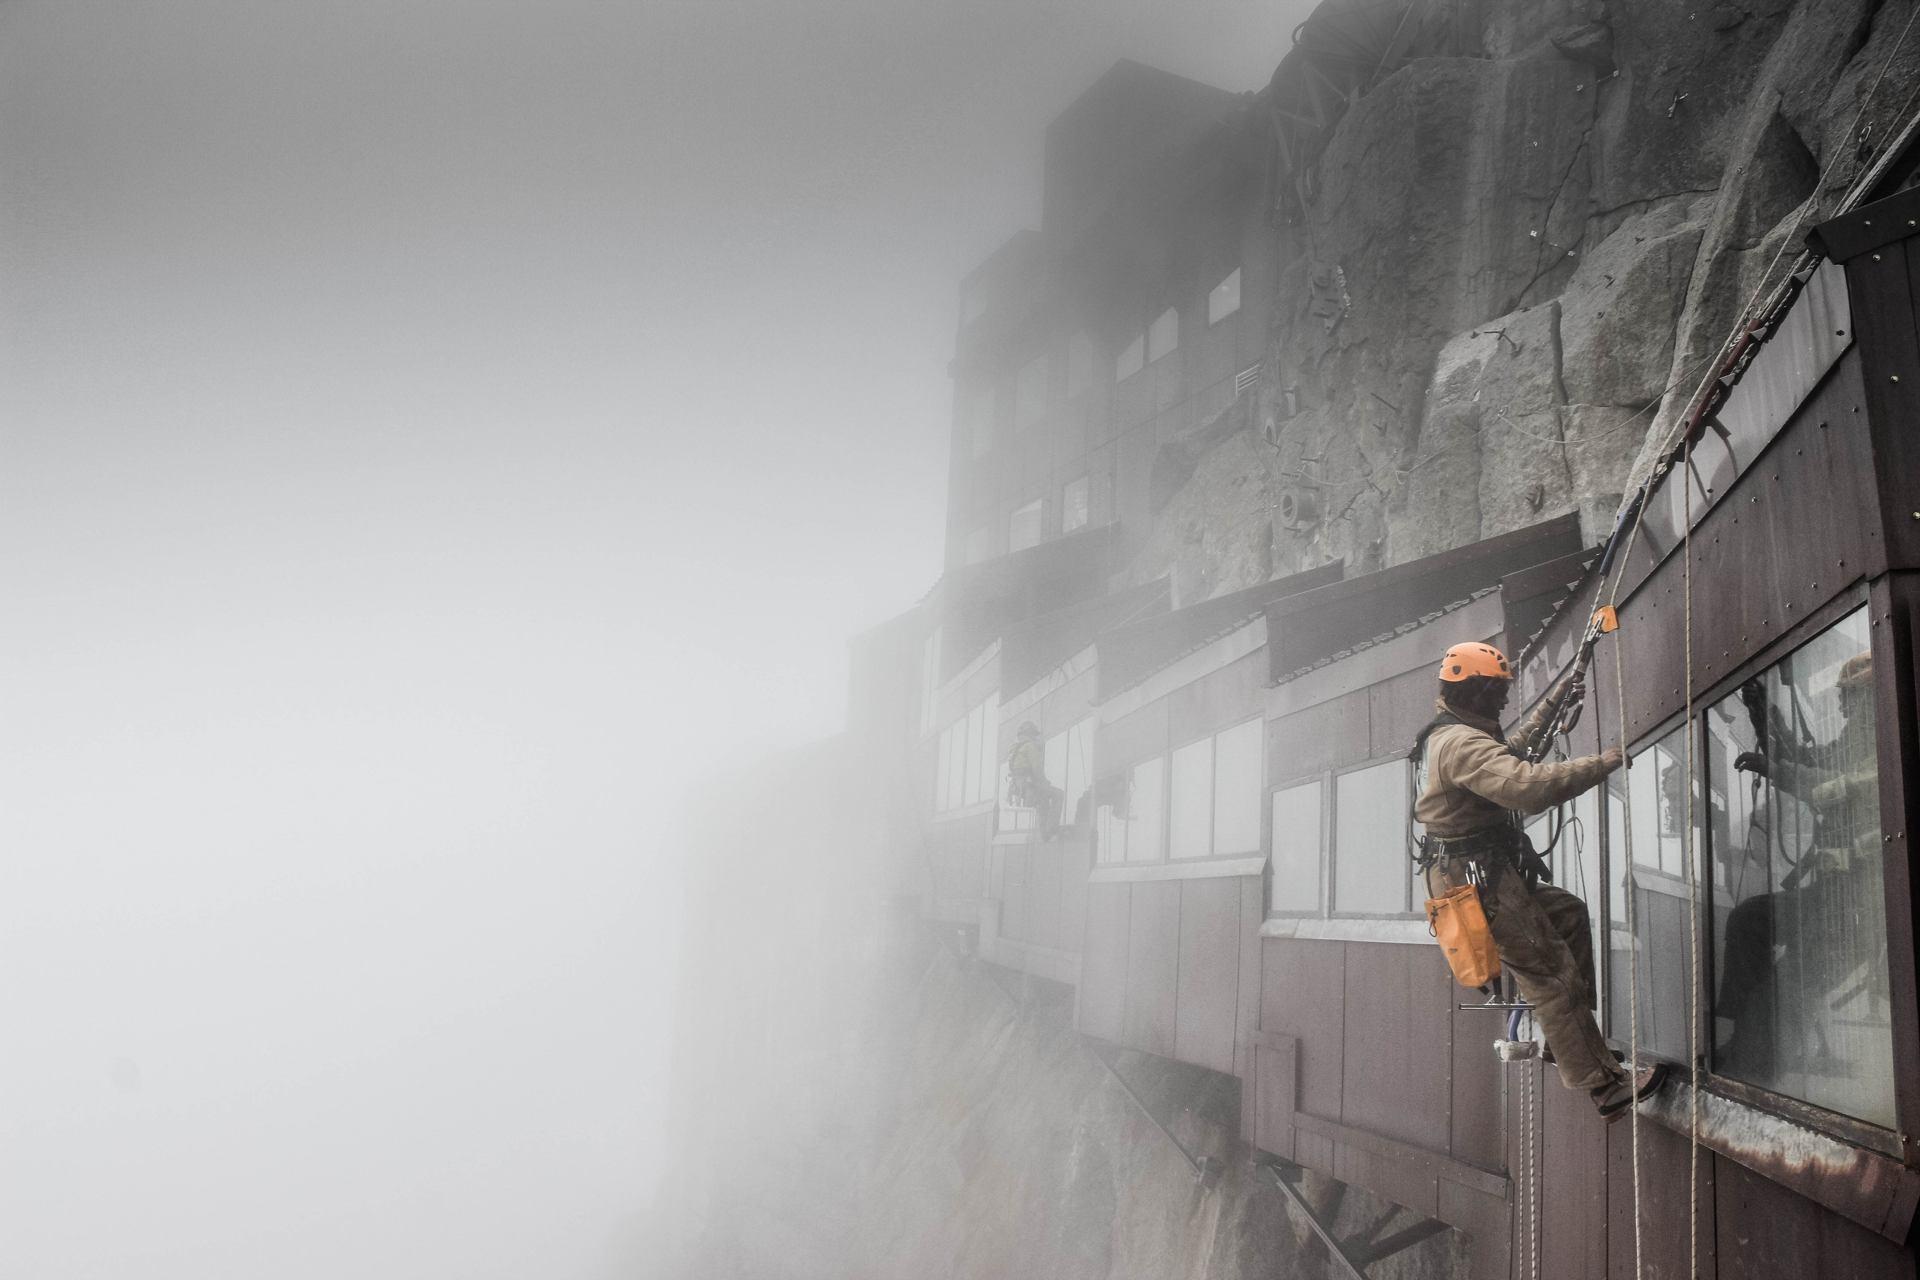 Lavage de vitres à 3800m d'altitude